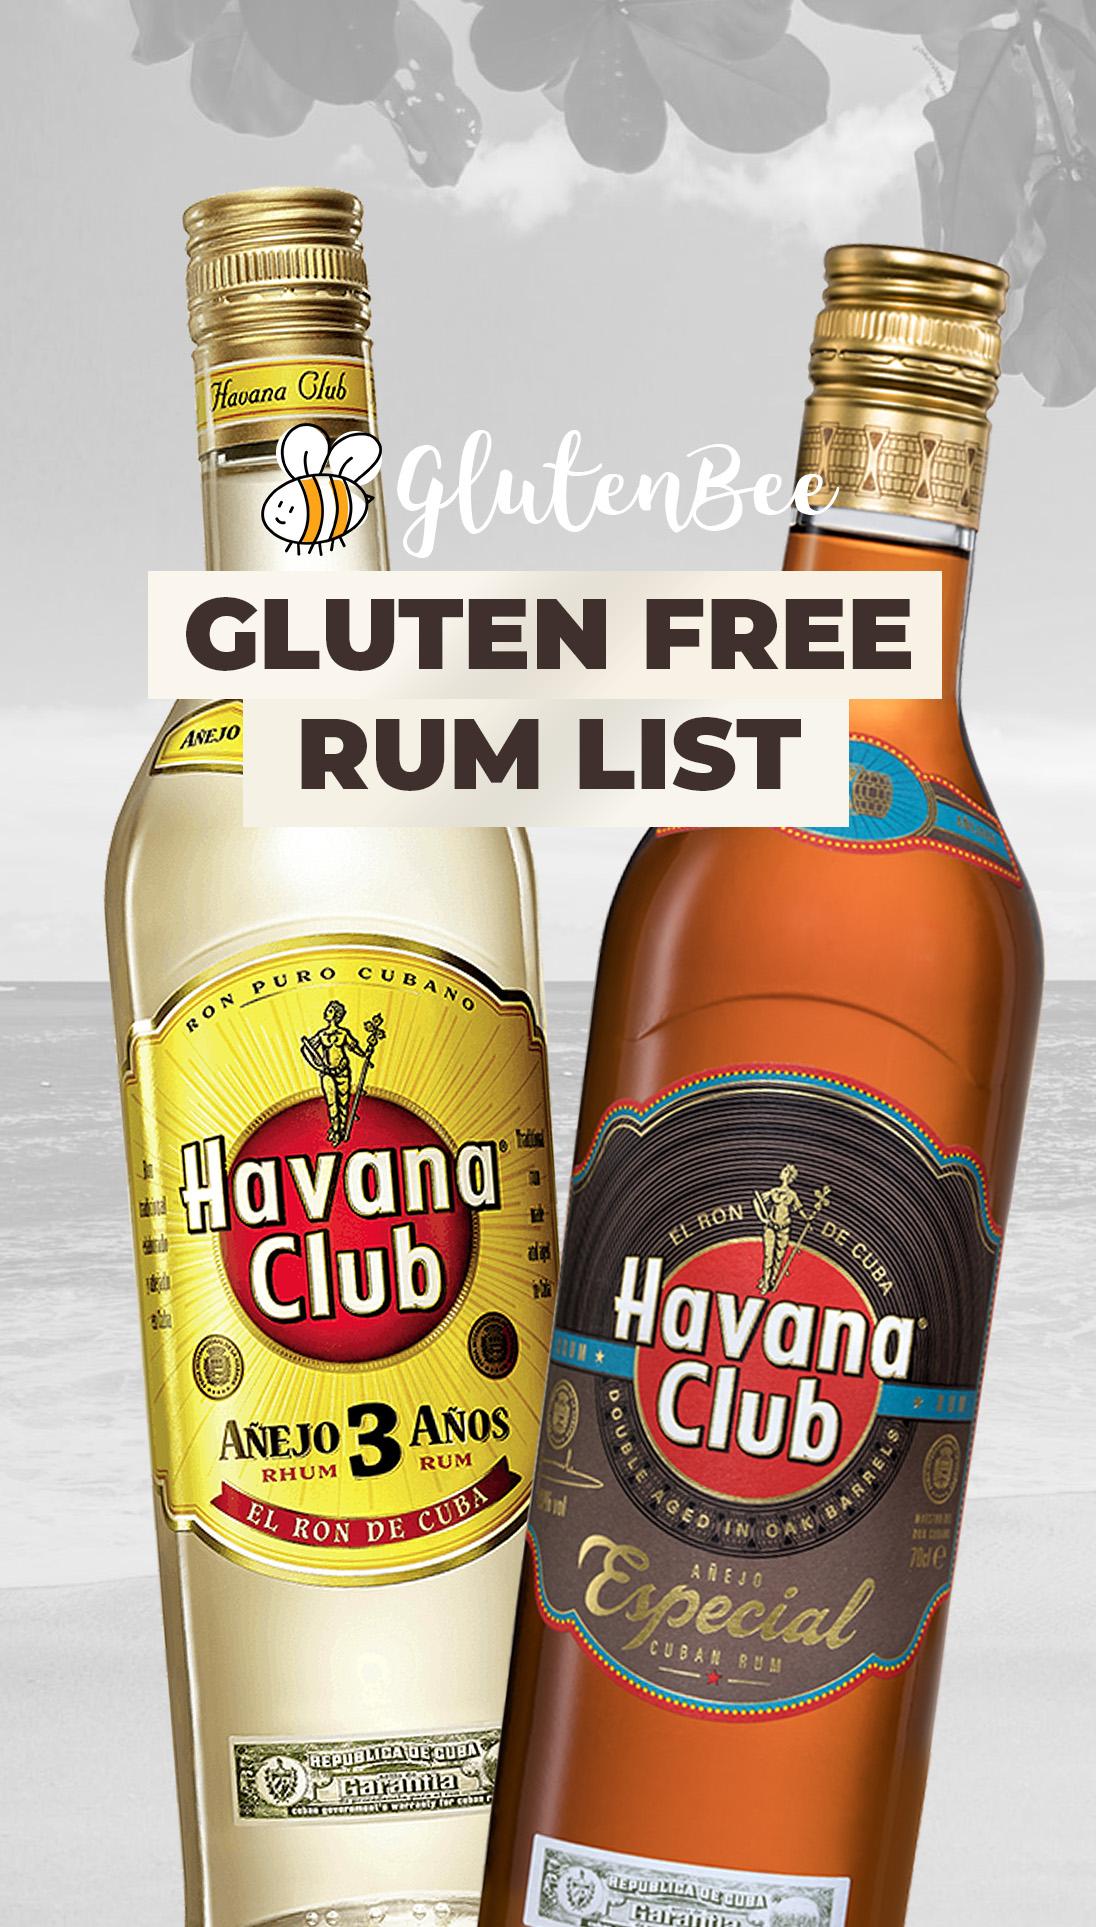 Gluten Free Rum List